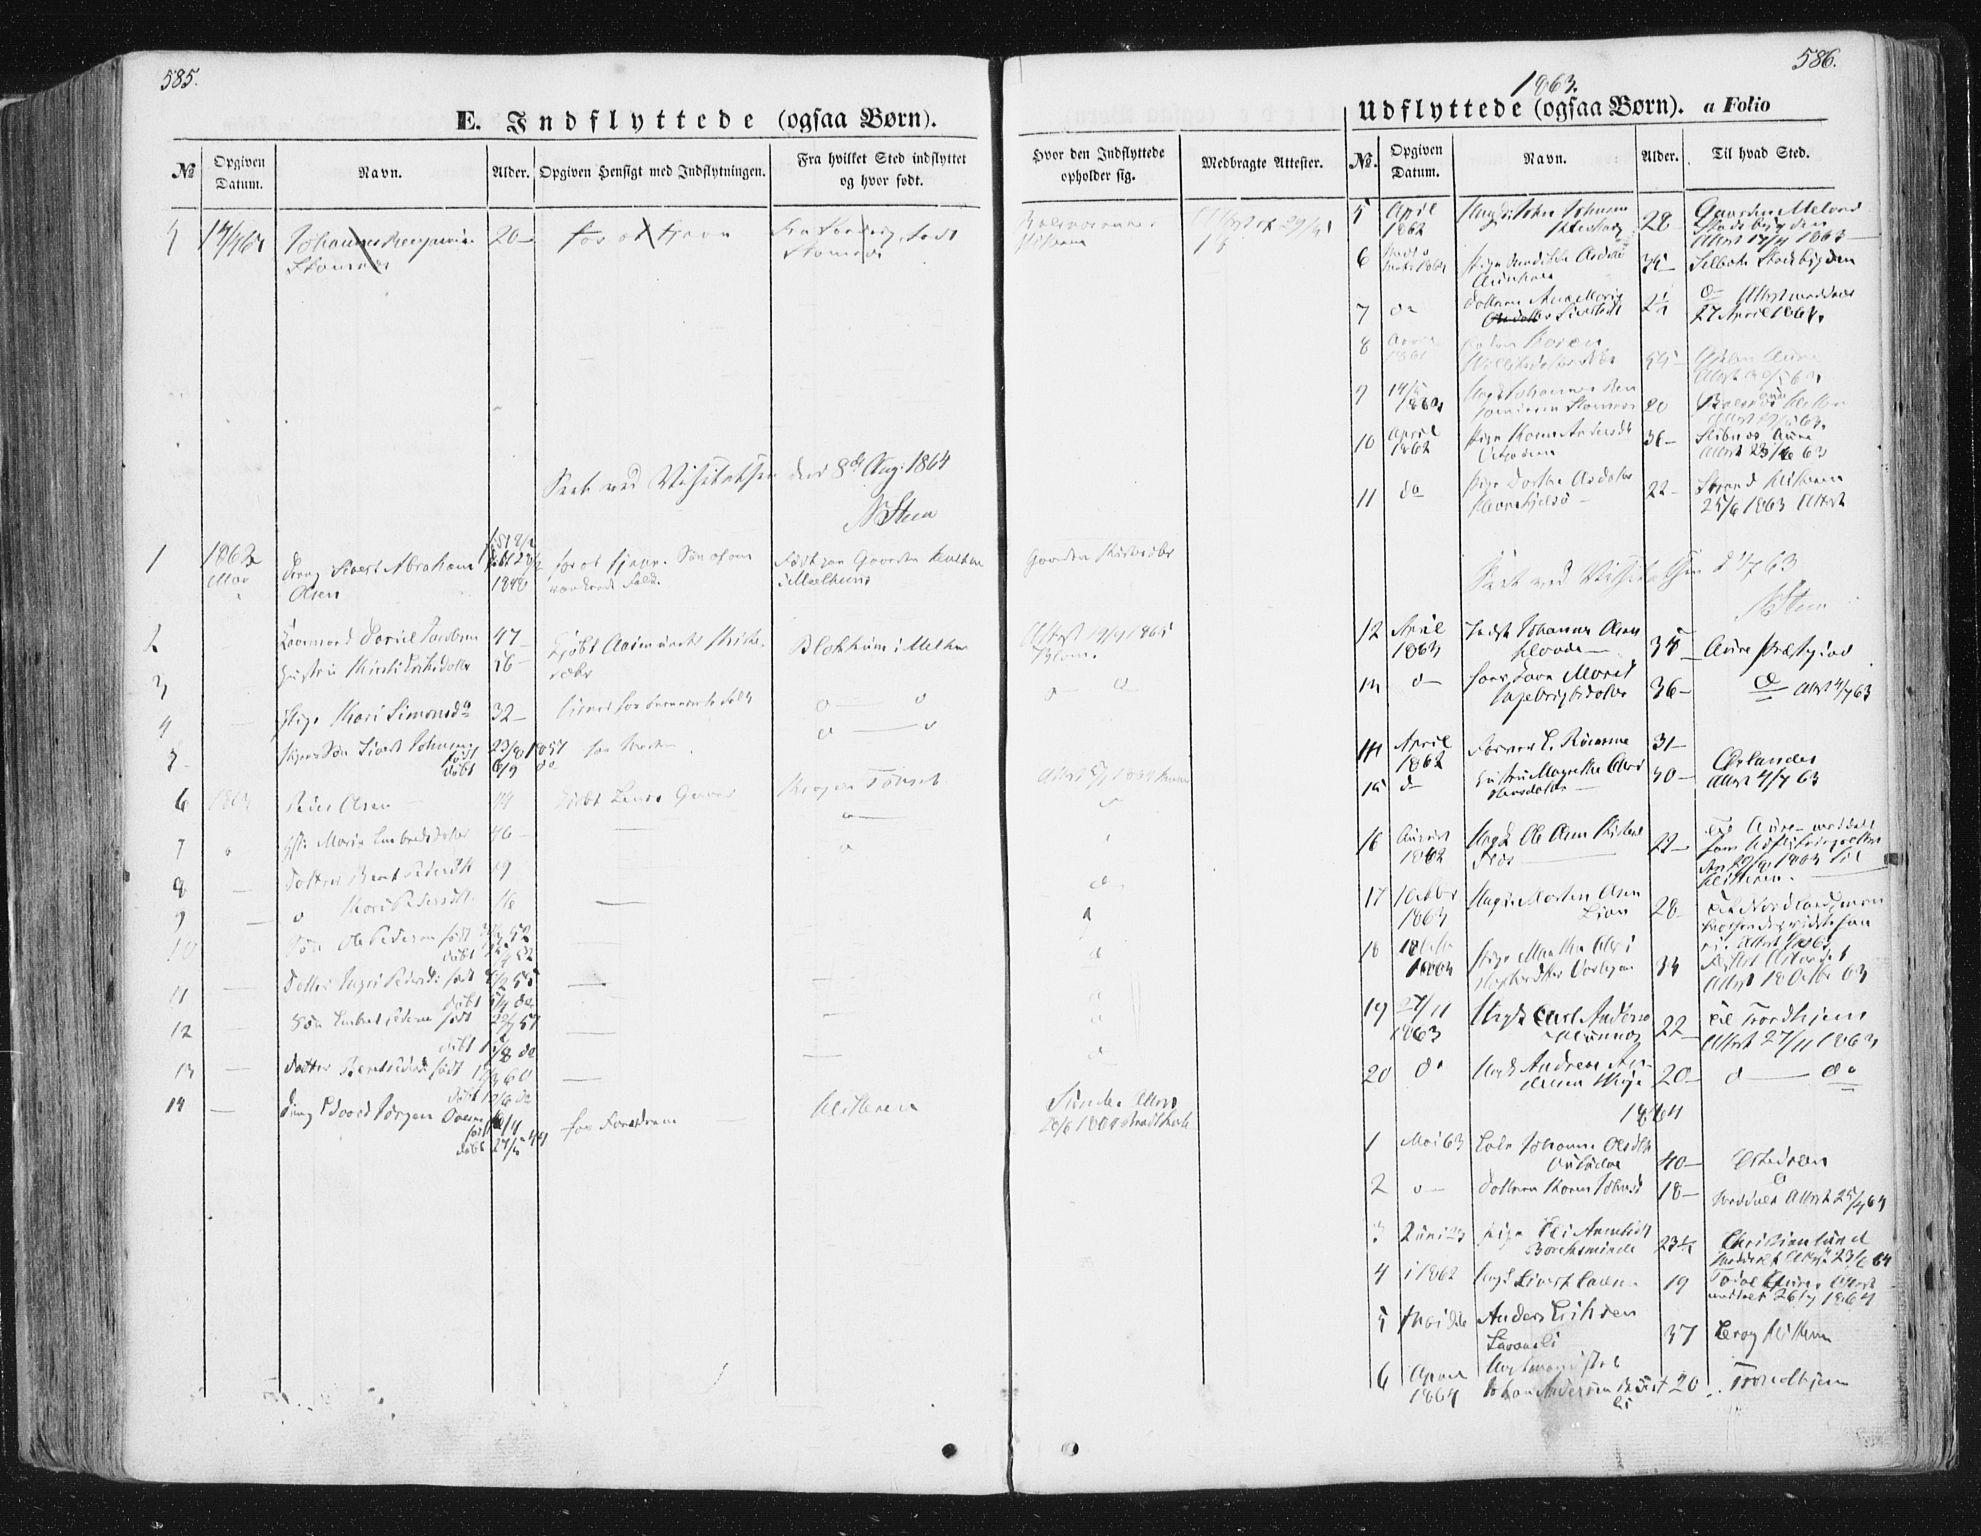 SAT, Ministerialprotokoller, klokkerbøker og fødselsregistre - Sør-Trøndelag, 630/L0494: Ministerialbok nr. 630A07, 1852-1868, s. 585-586